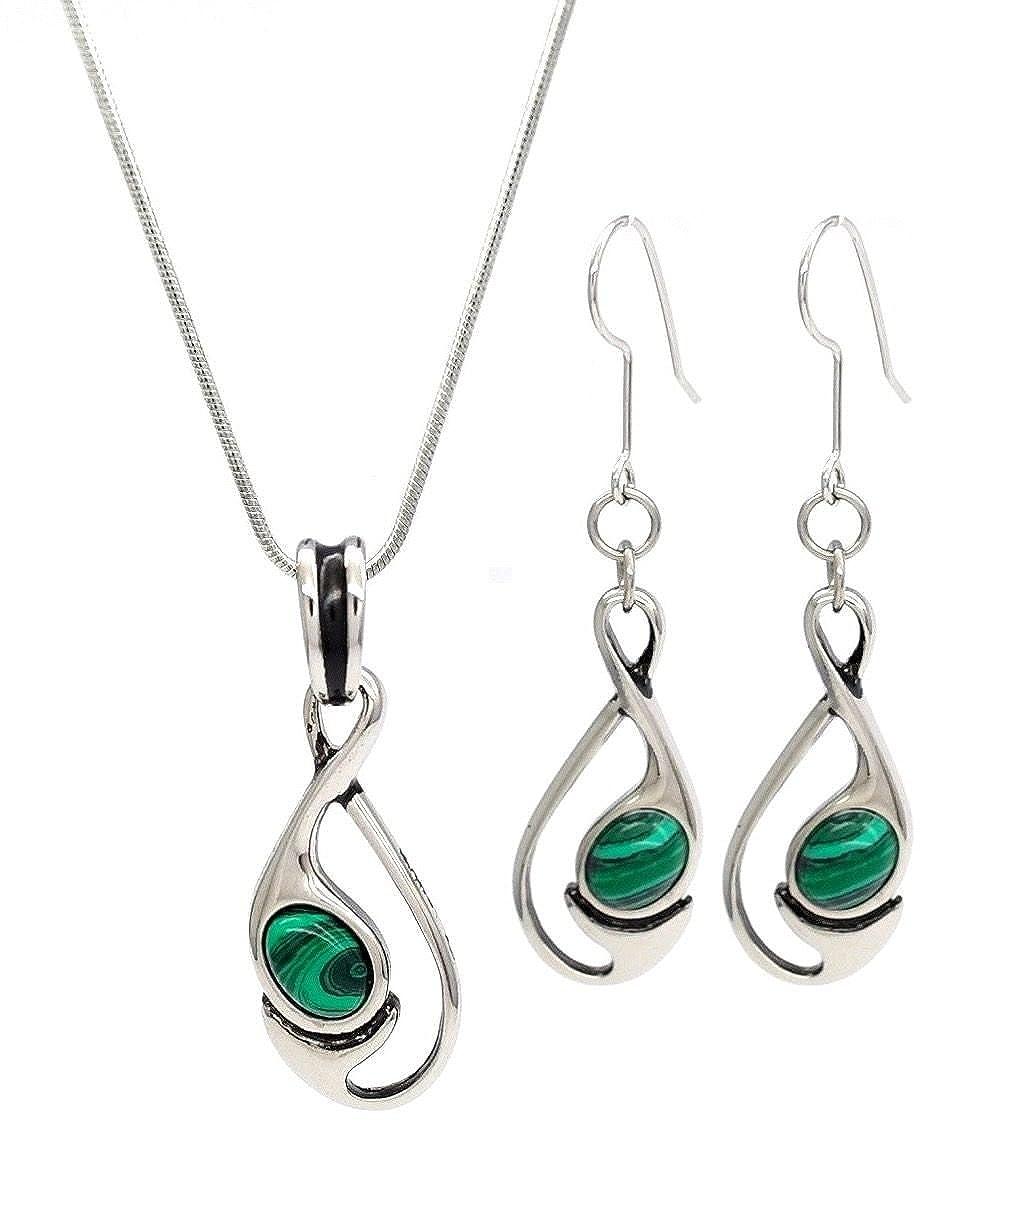 Stylish Jewellery simples élégante Malachite Pierre en forme de boucle et boucles d'oreilles pendantes Ensemble collier N16000249